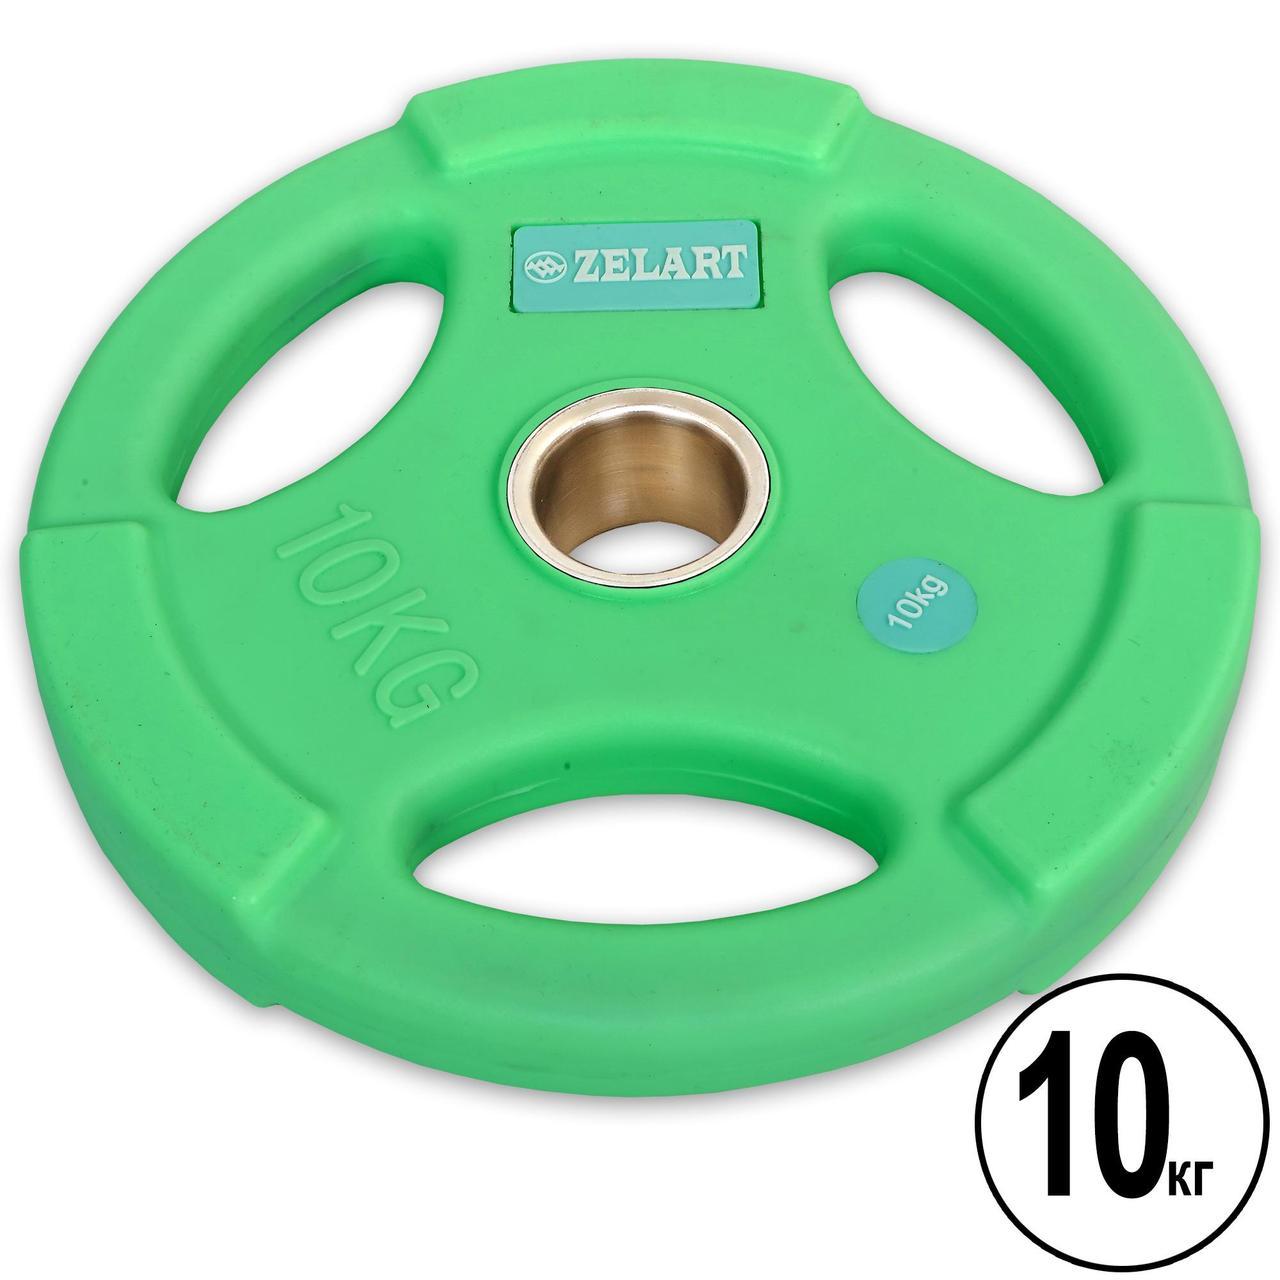 Блины (диски) полиуретановые с хватом и металлической втулкой d-50мм Zelart TA-5336-50-10 10кг (мятный)